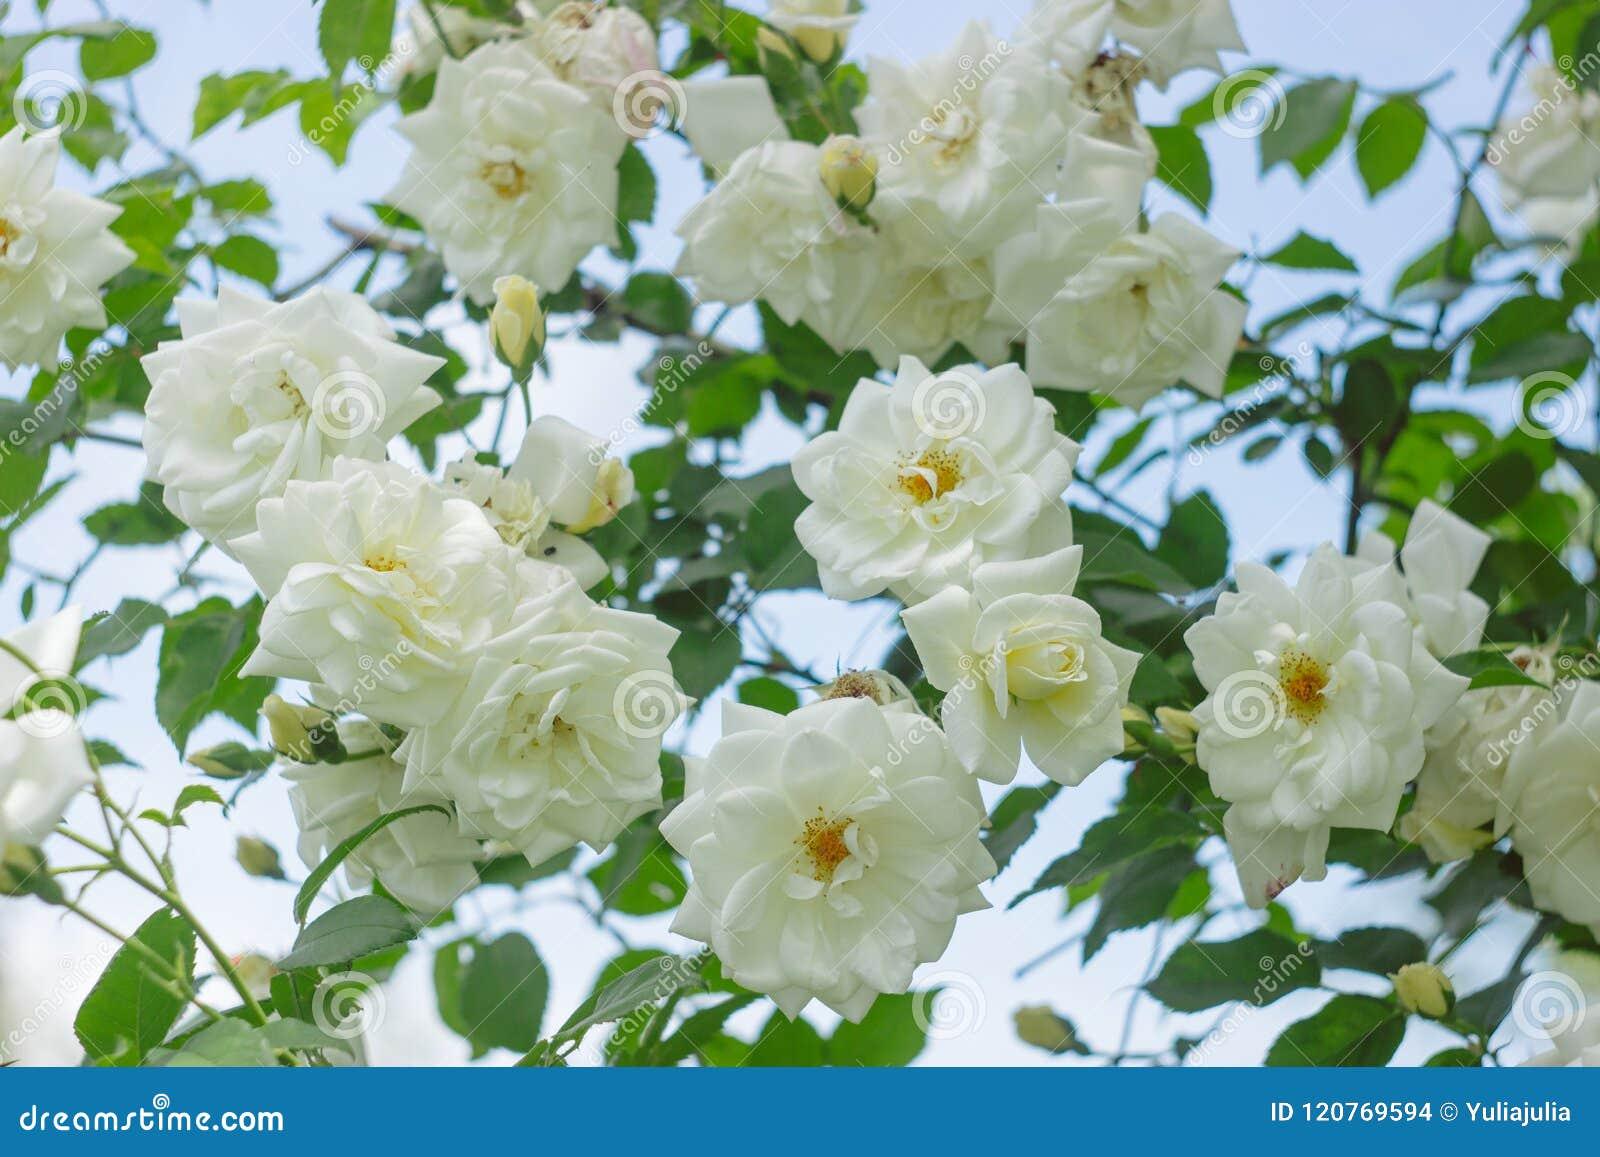 White Garden Roses On A Bush Amon The Leaves Summer Flowers Stock